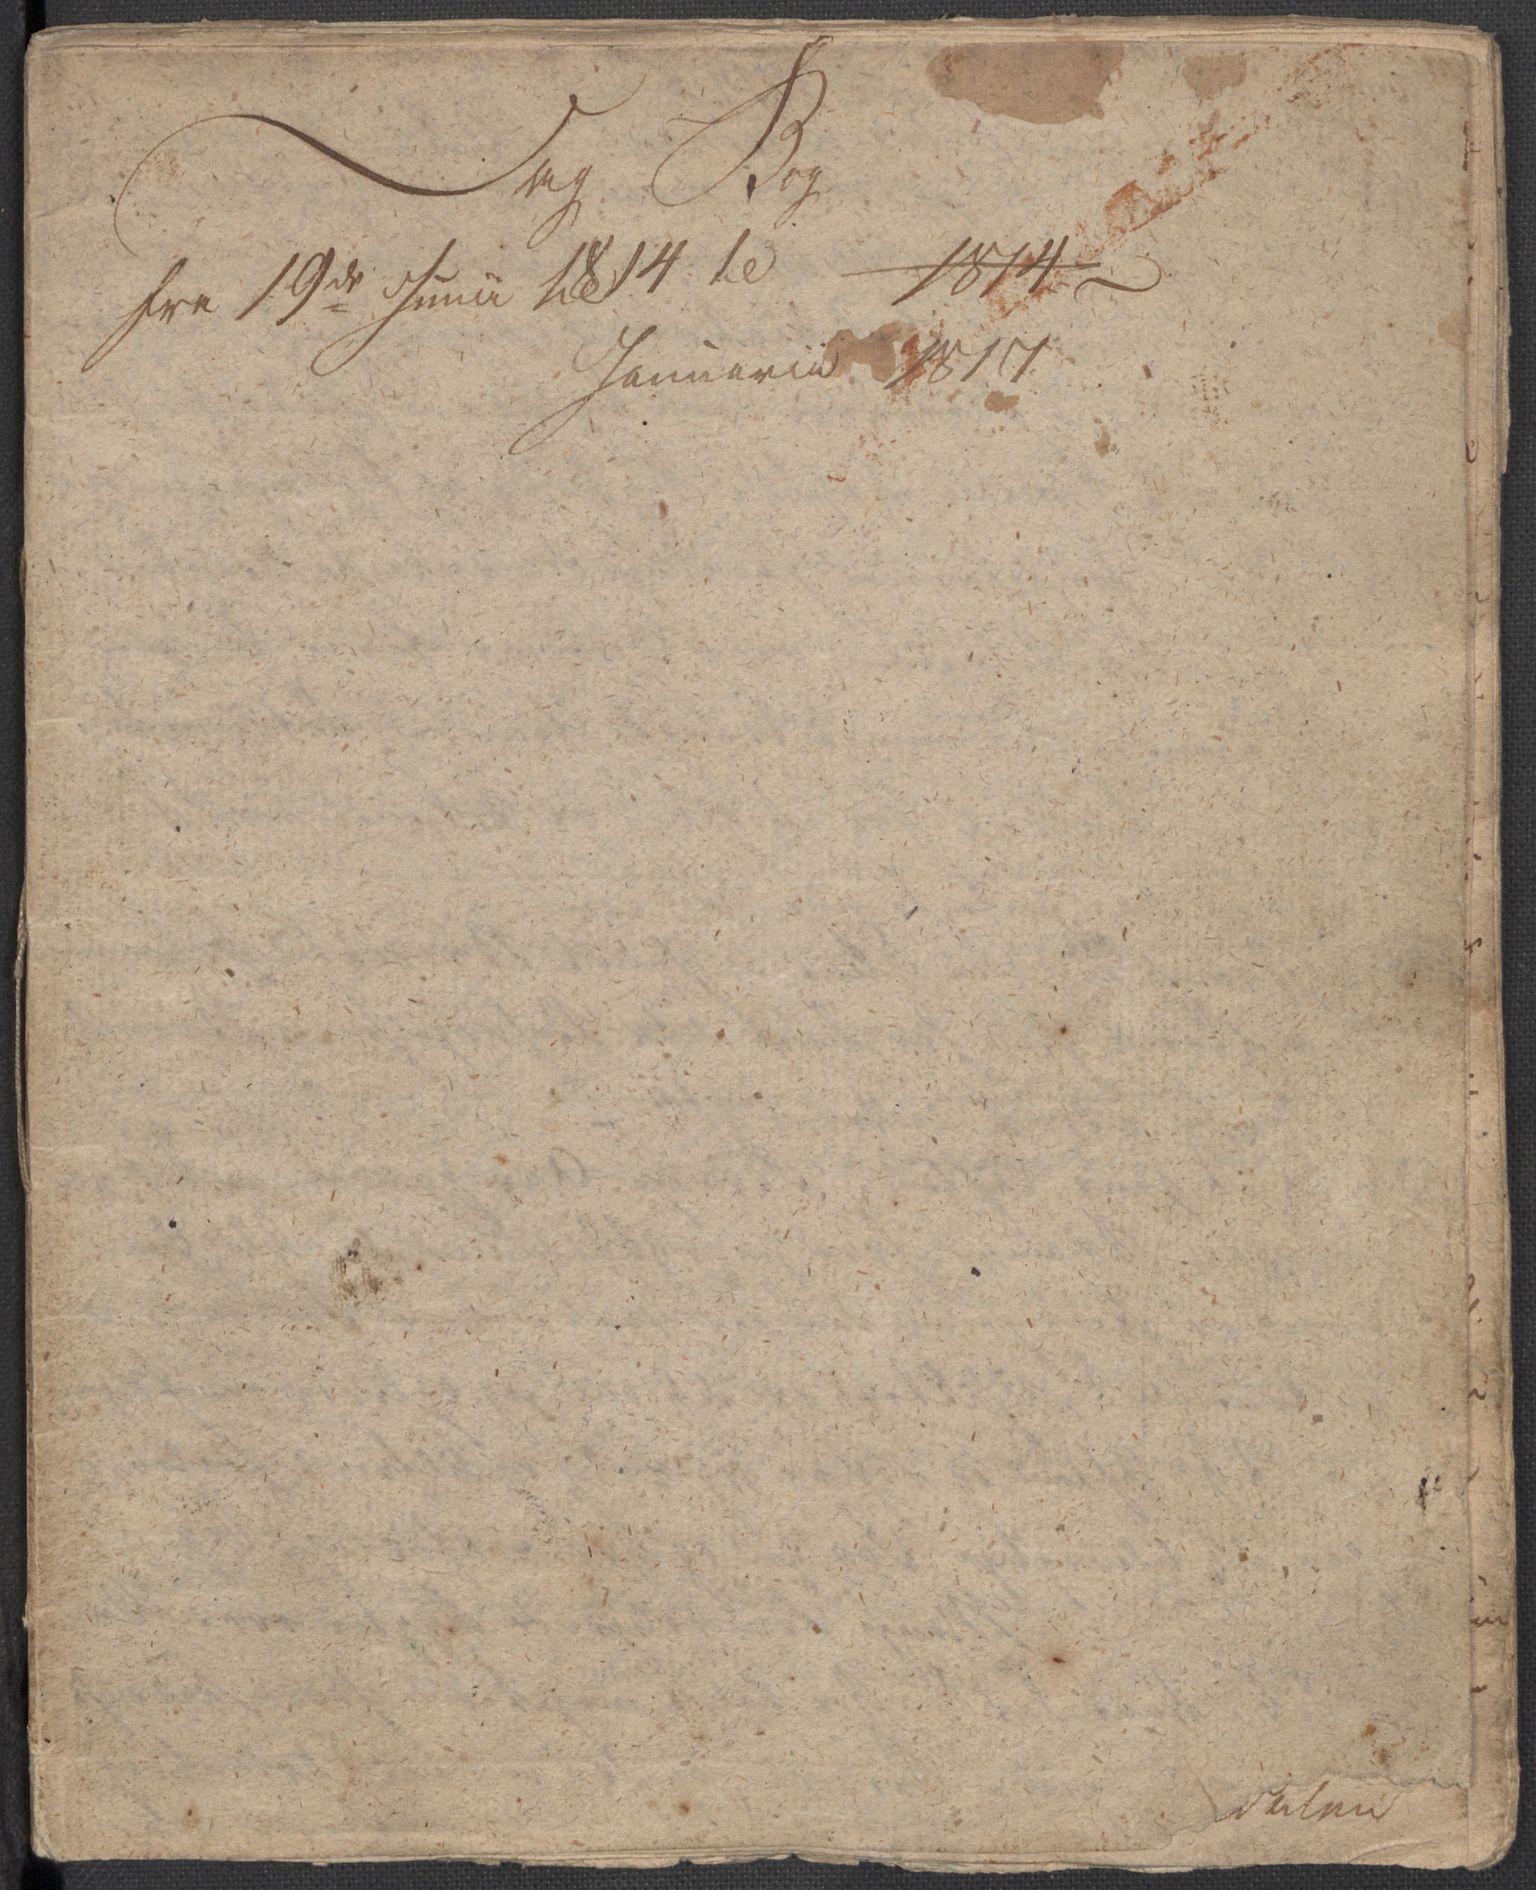 RA, Holck, Meidell, Hartvig, F/L0001: (Kassett) Dagbøker ført av Ole Elias v.Holck, 1798-1842, s. 374